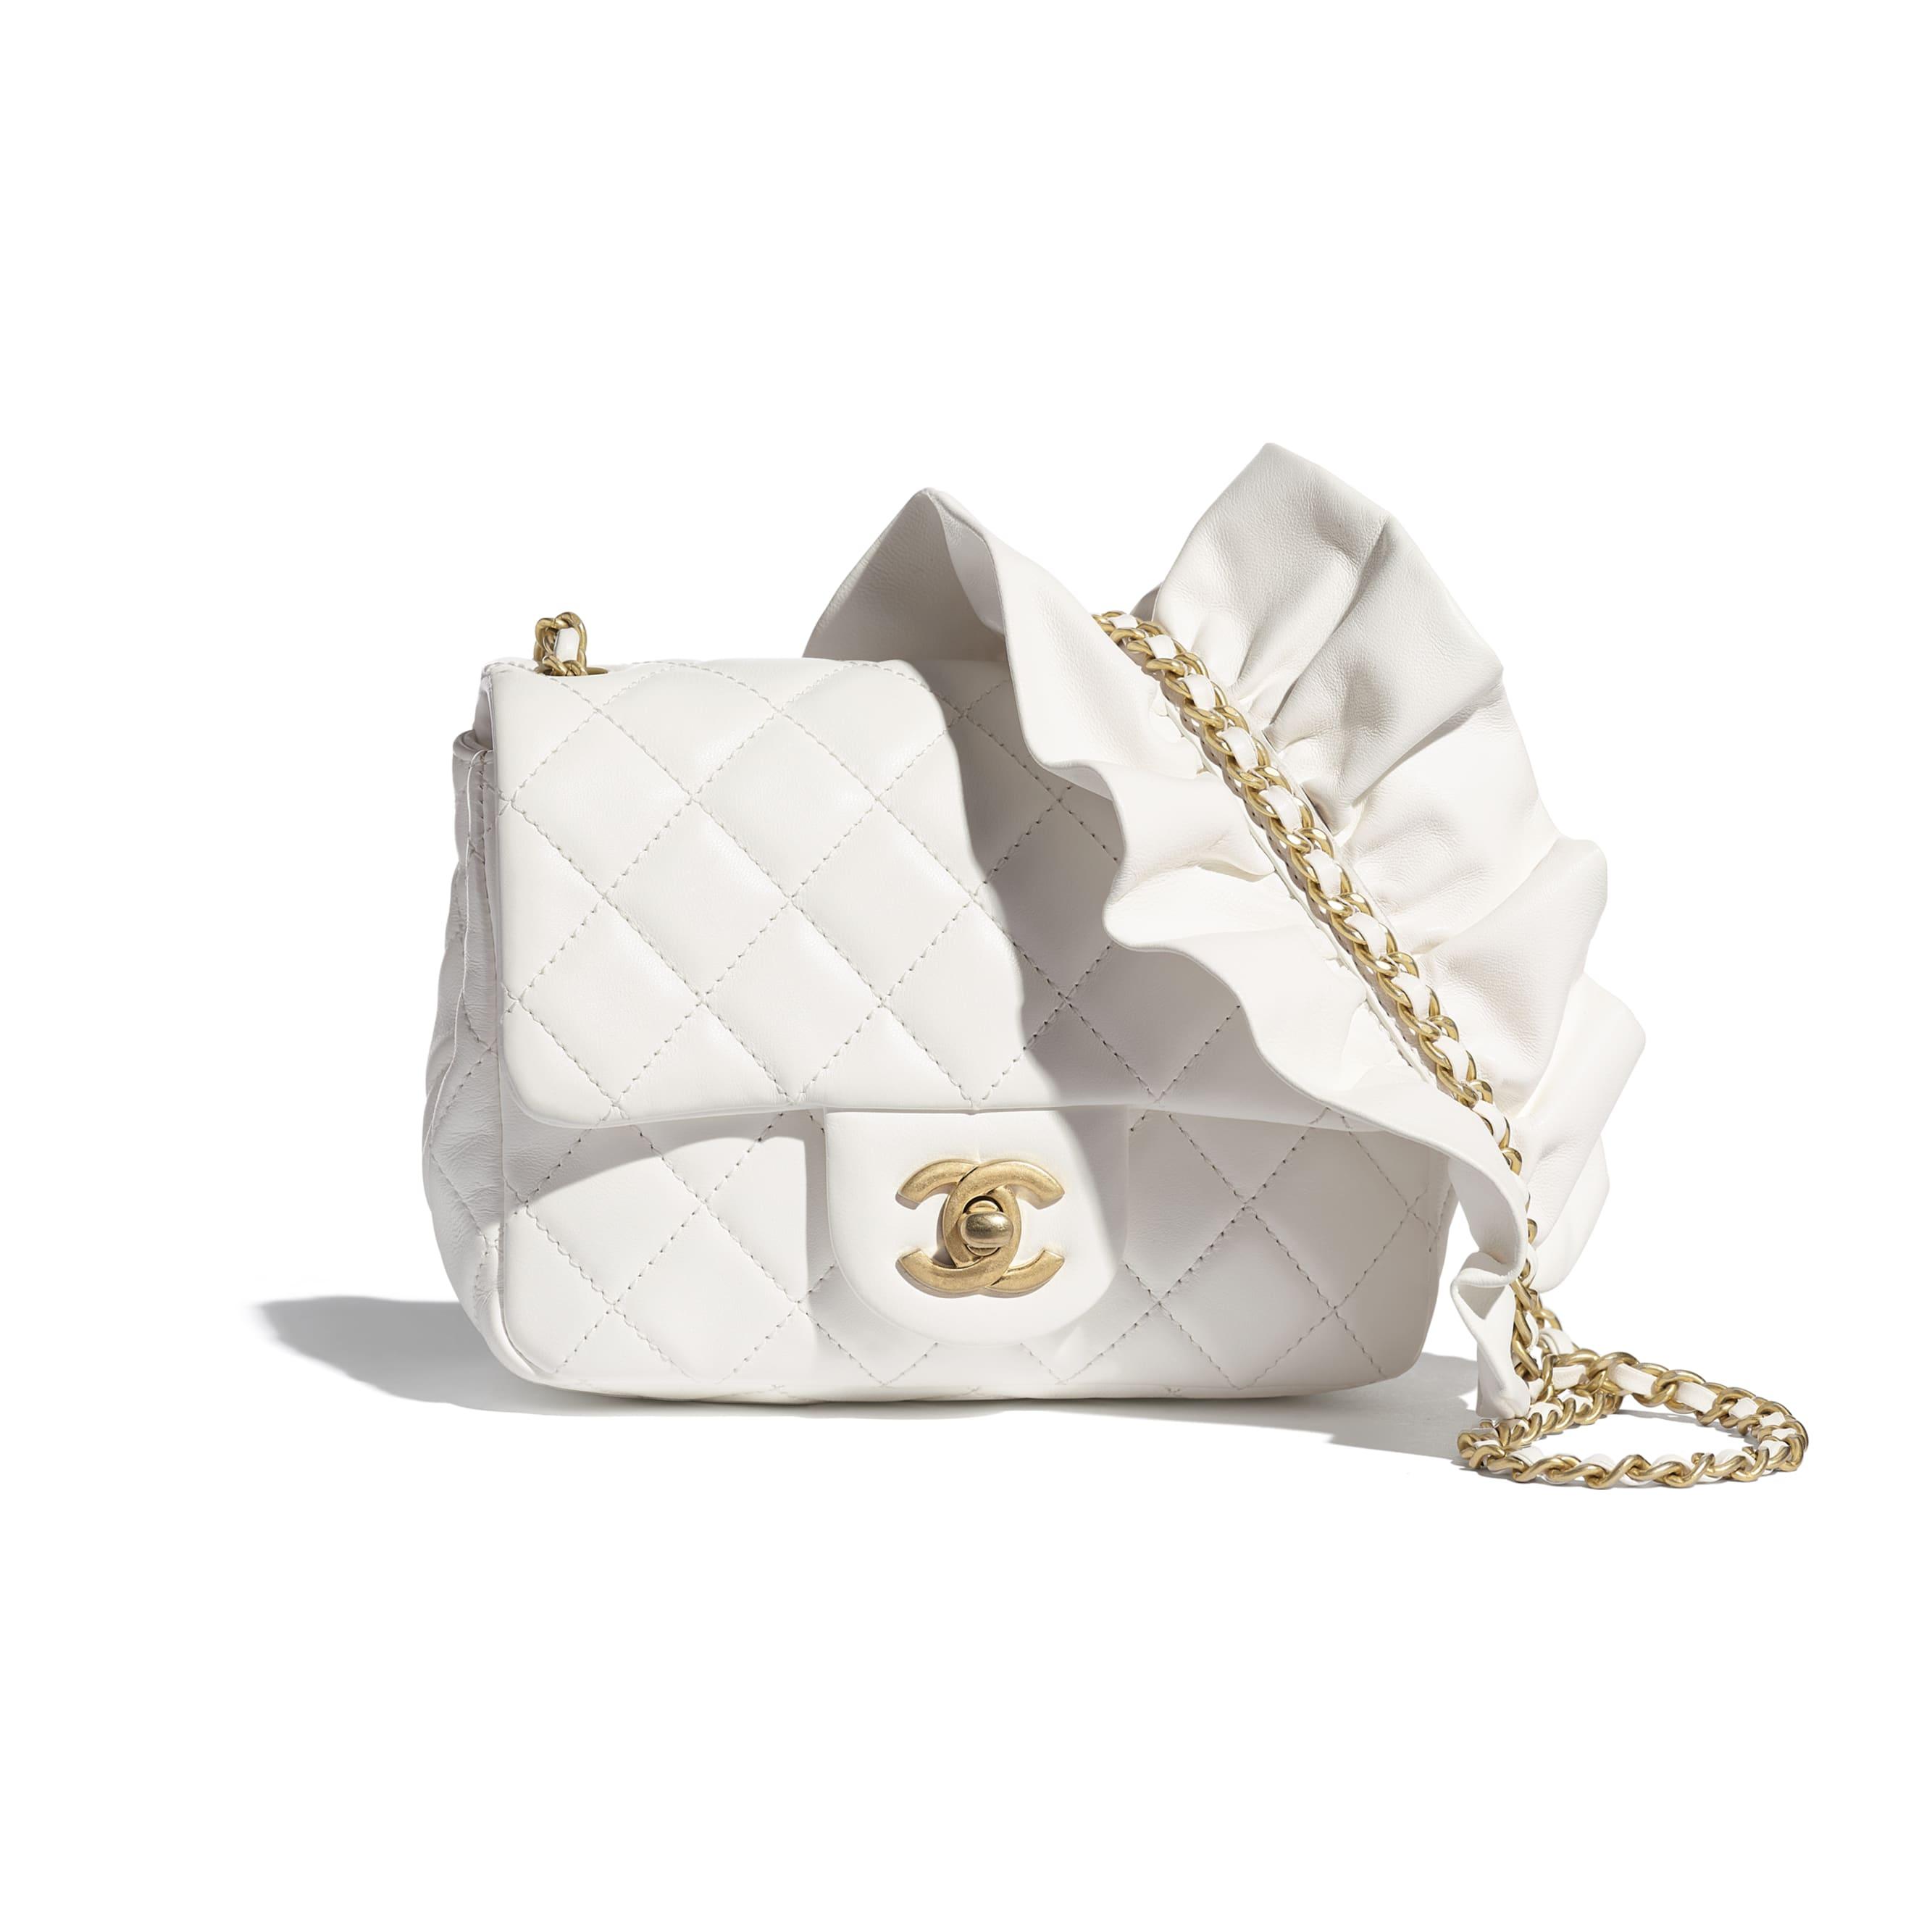 細號垂蓋手袋 - 白色 - 小羊皮及金色金屬 - CHANEL - 預設視圖 - 查看標準尺寸版本